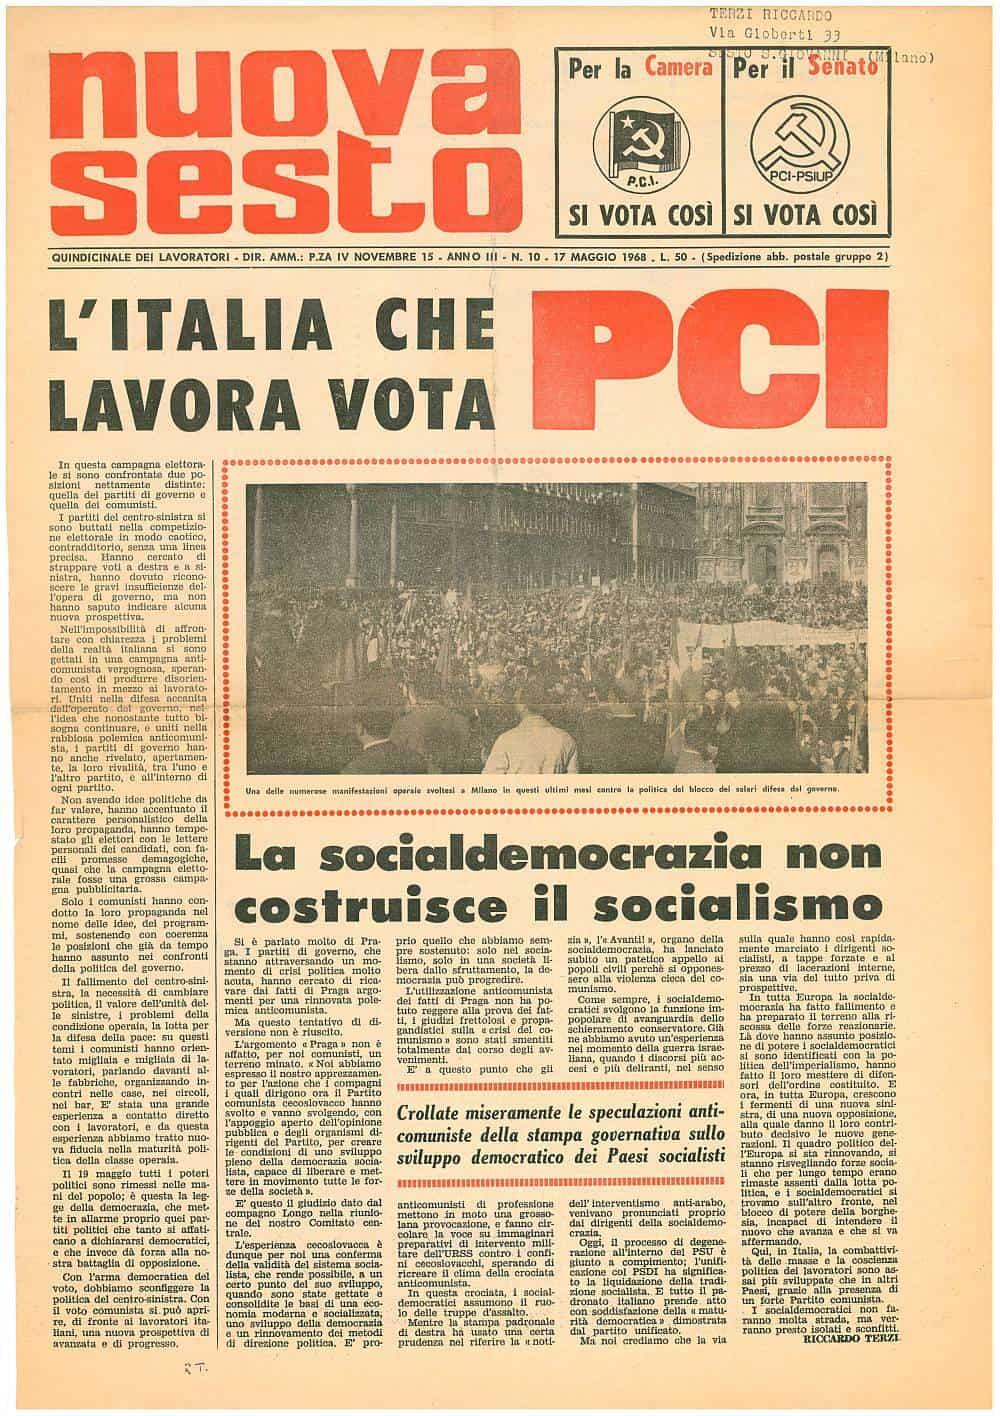 G104 - La socialdemocrazia non costruisce il socialismo